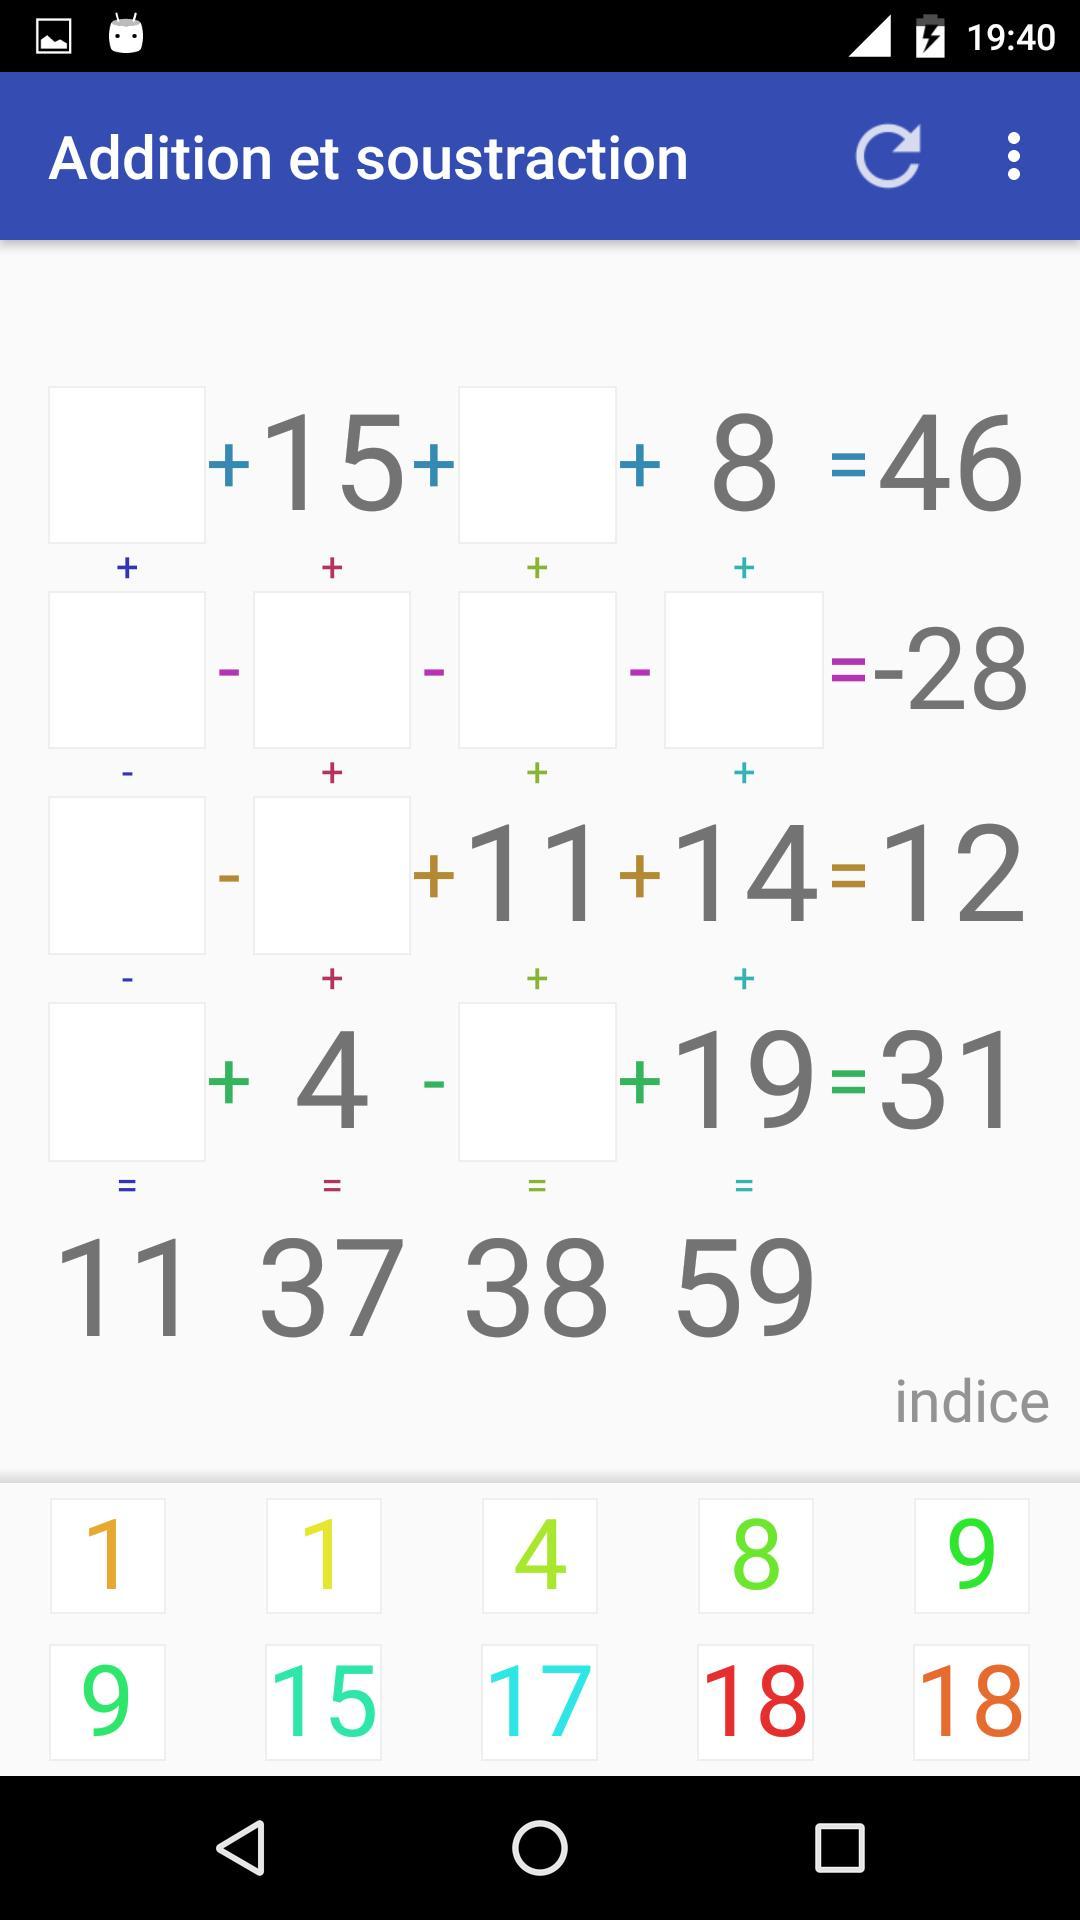 Android Için Jeu D'addition Et Soustraction - Apk'yı İndir dedans Comment Jouer Sudoku